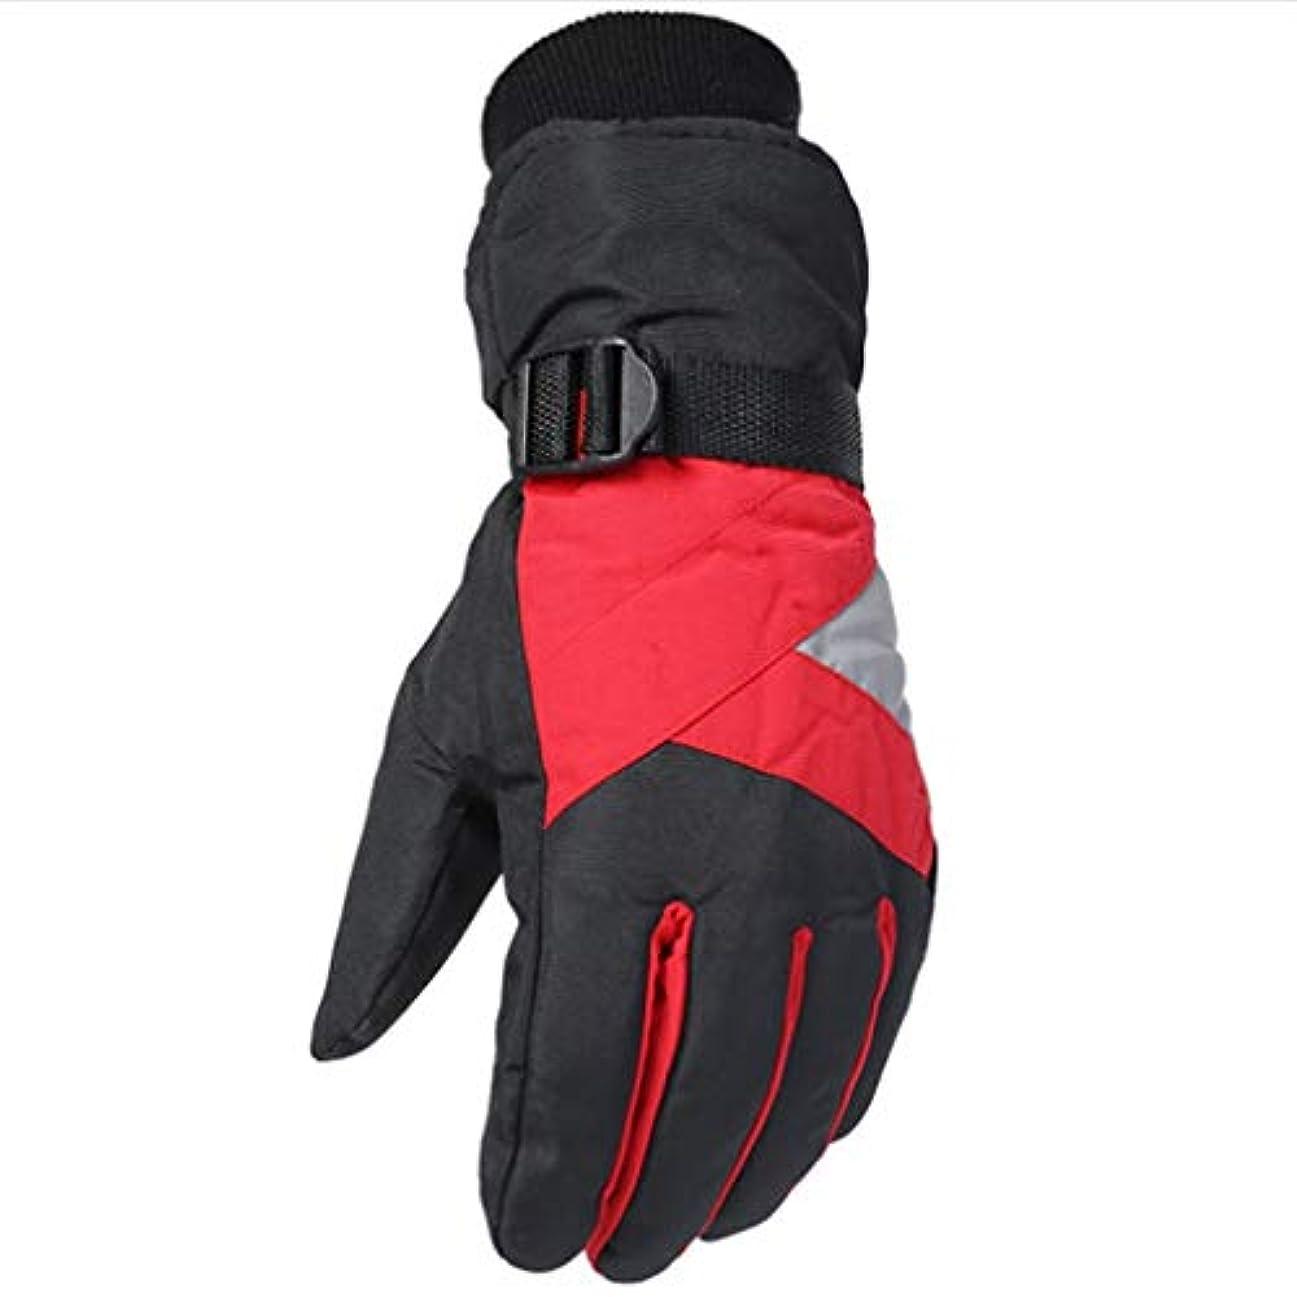 盆クレジット系譜手袋の男性の冬プラスベルベット厚手の暖かいスキーグローブは、凍結防止の登山手袋を運転する (色 : Red)